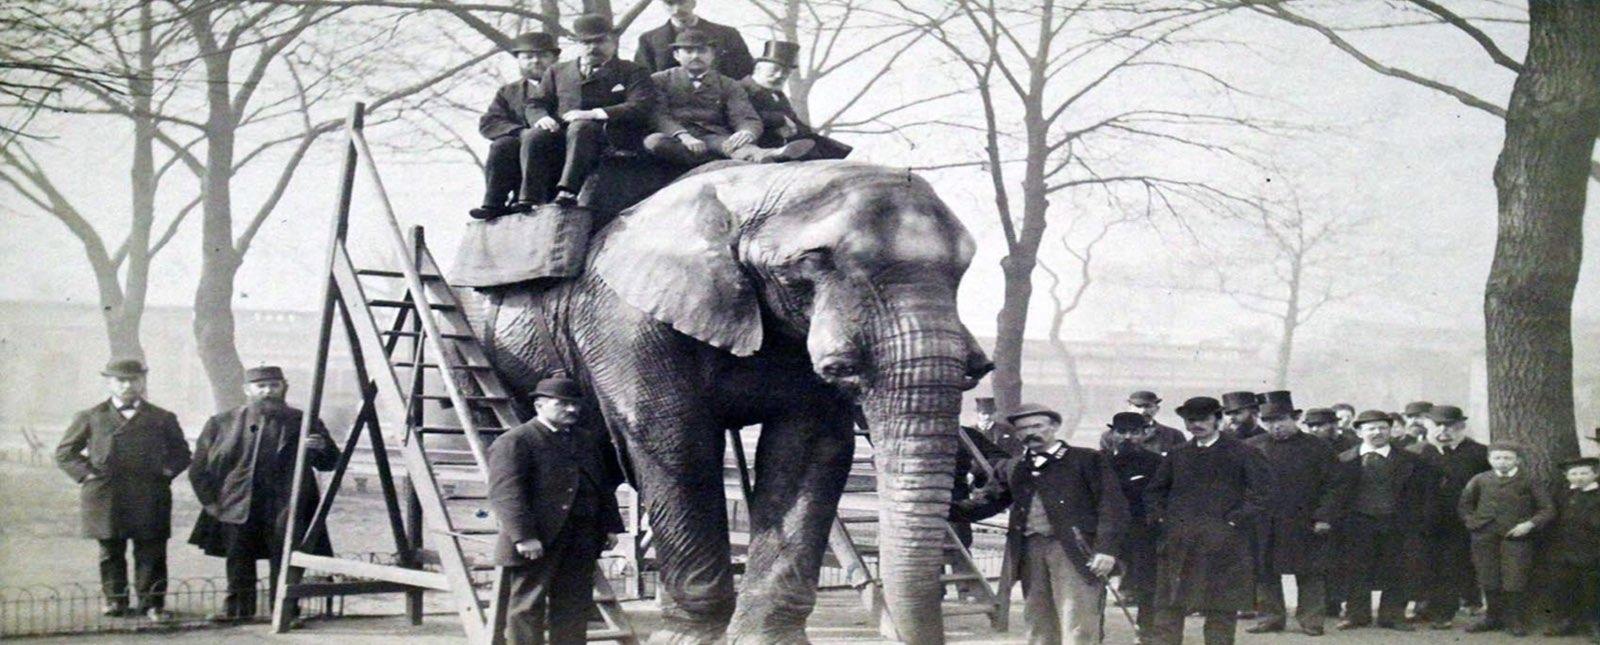 tragica-historia-de-jumbo-elefante-que-inspiro-a-disney